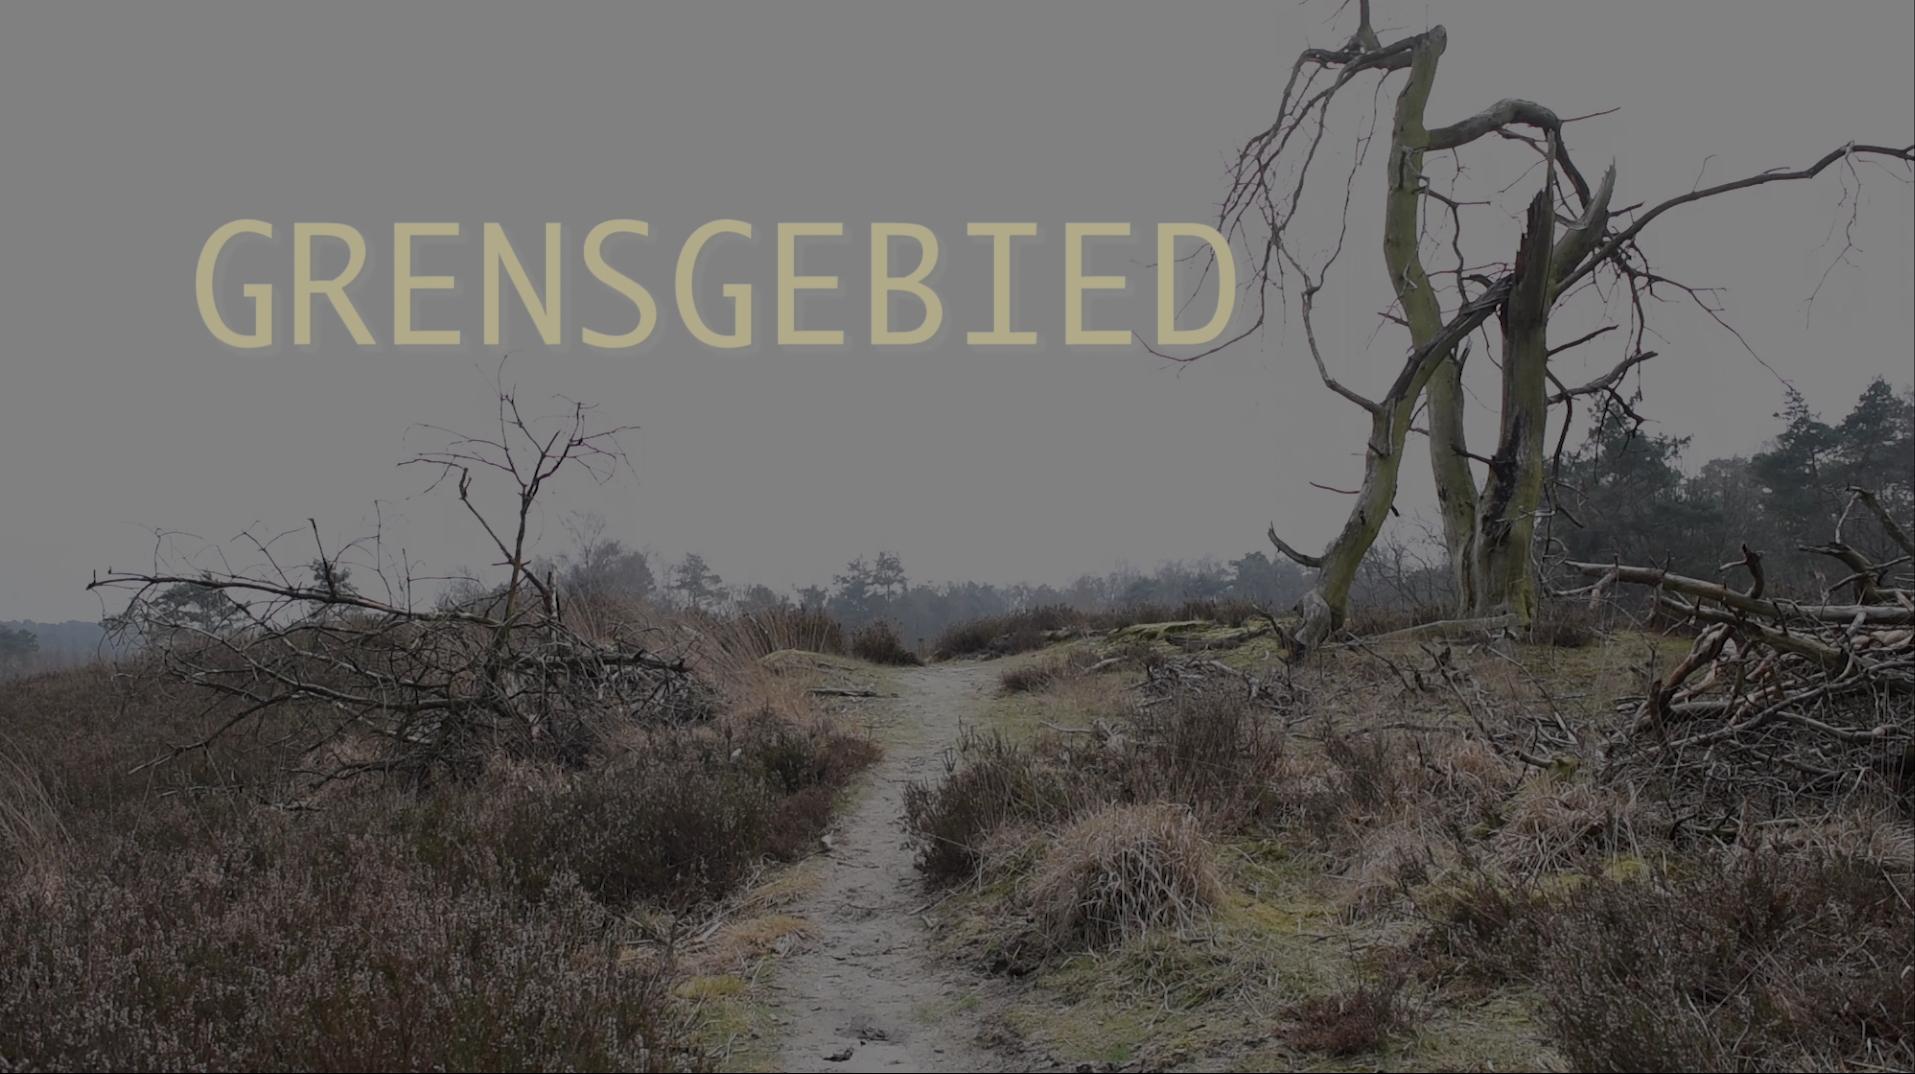 GRENSGBIED eind